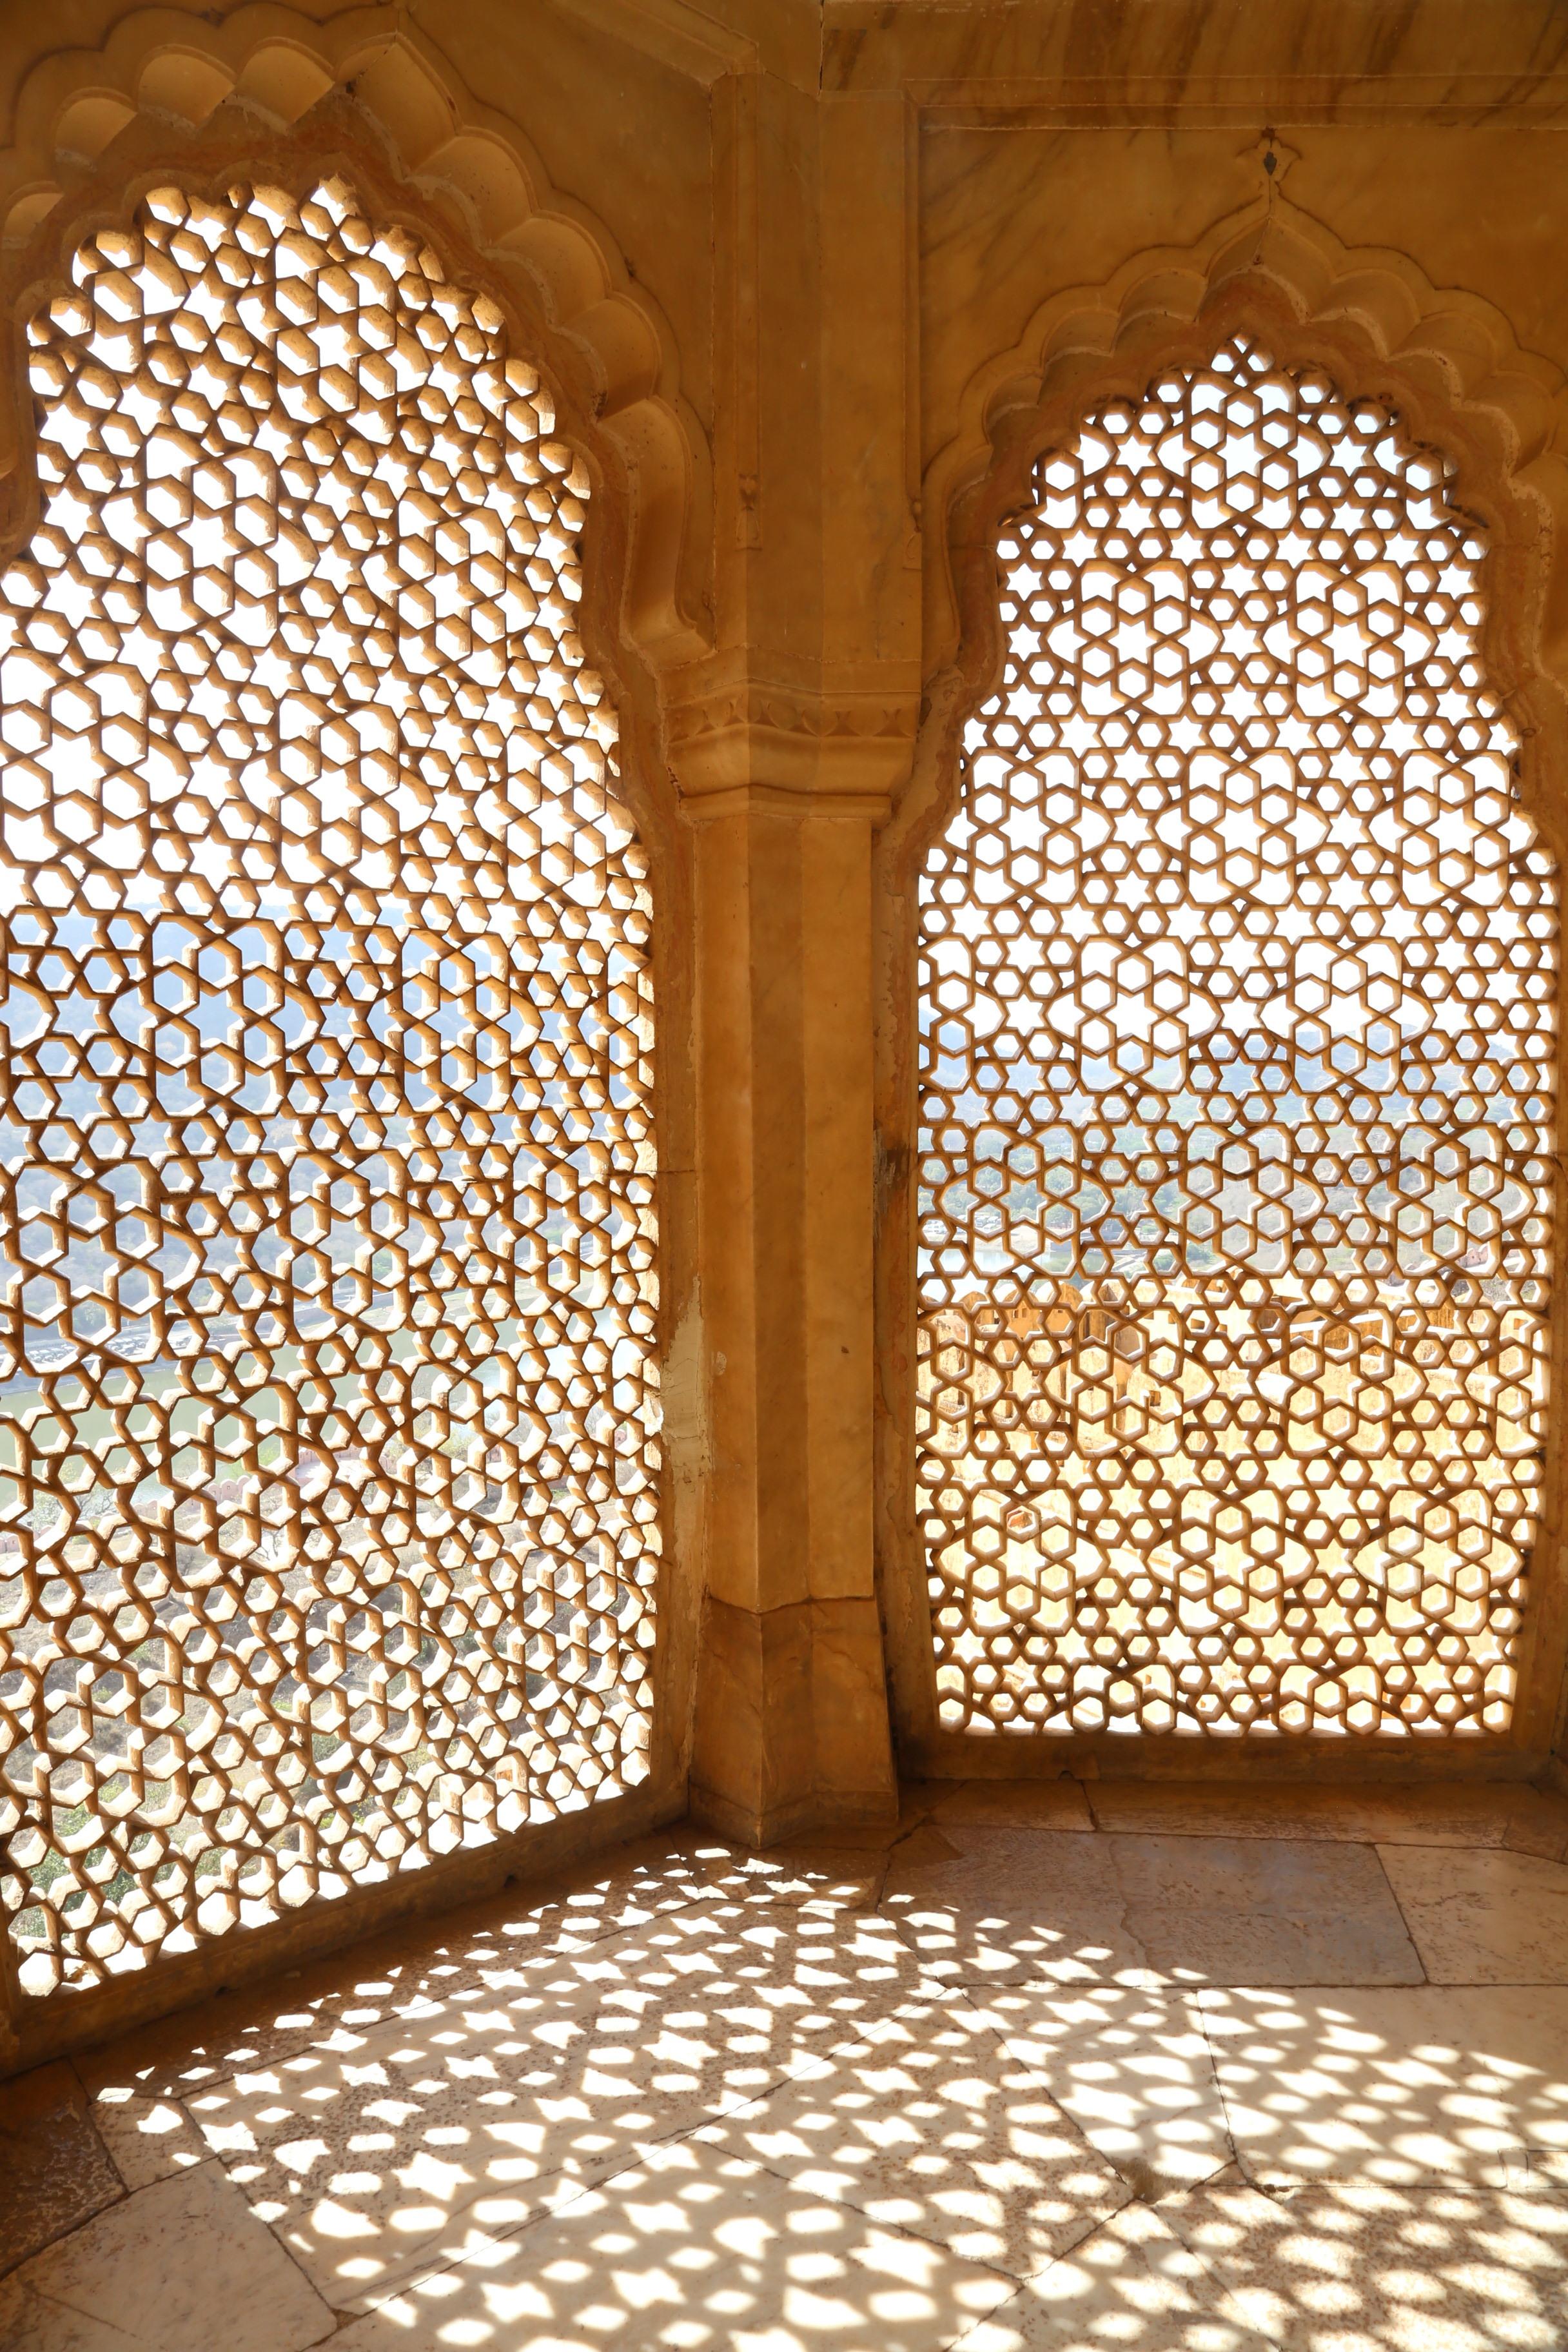 Shadow windows - Amer Fort